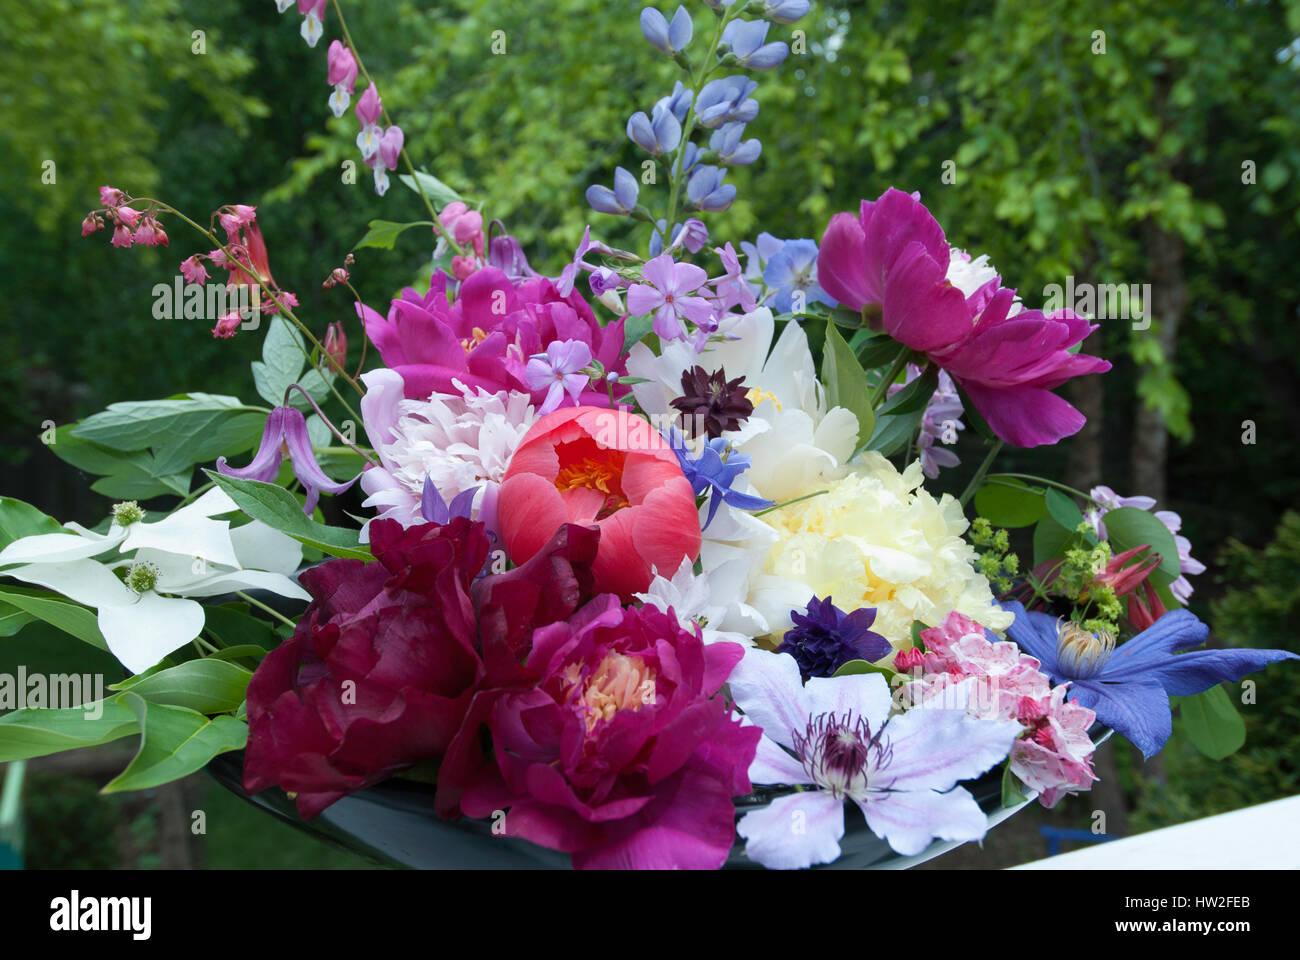 Faszinierend Blumen Mai Galerie Von Blumensträuße Von Blumen, Pfingstrosen, Baptisia, Clematis, Tränendes